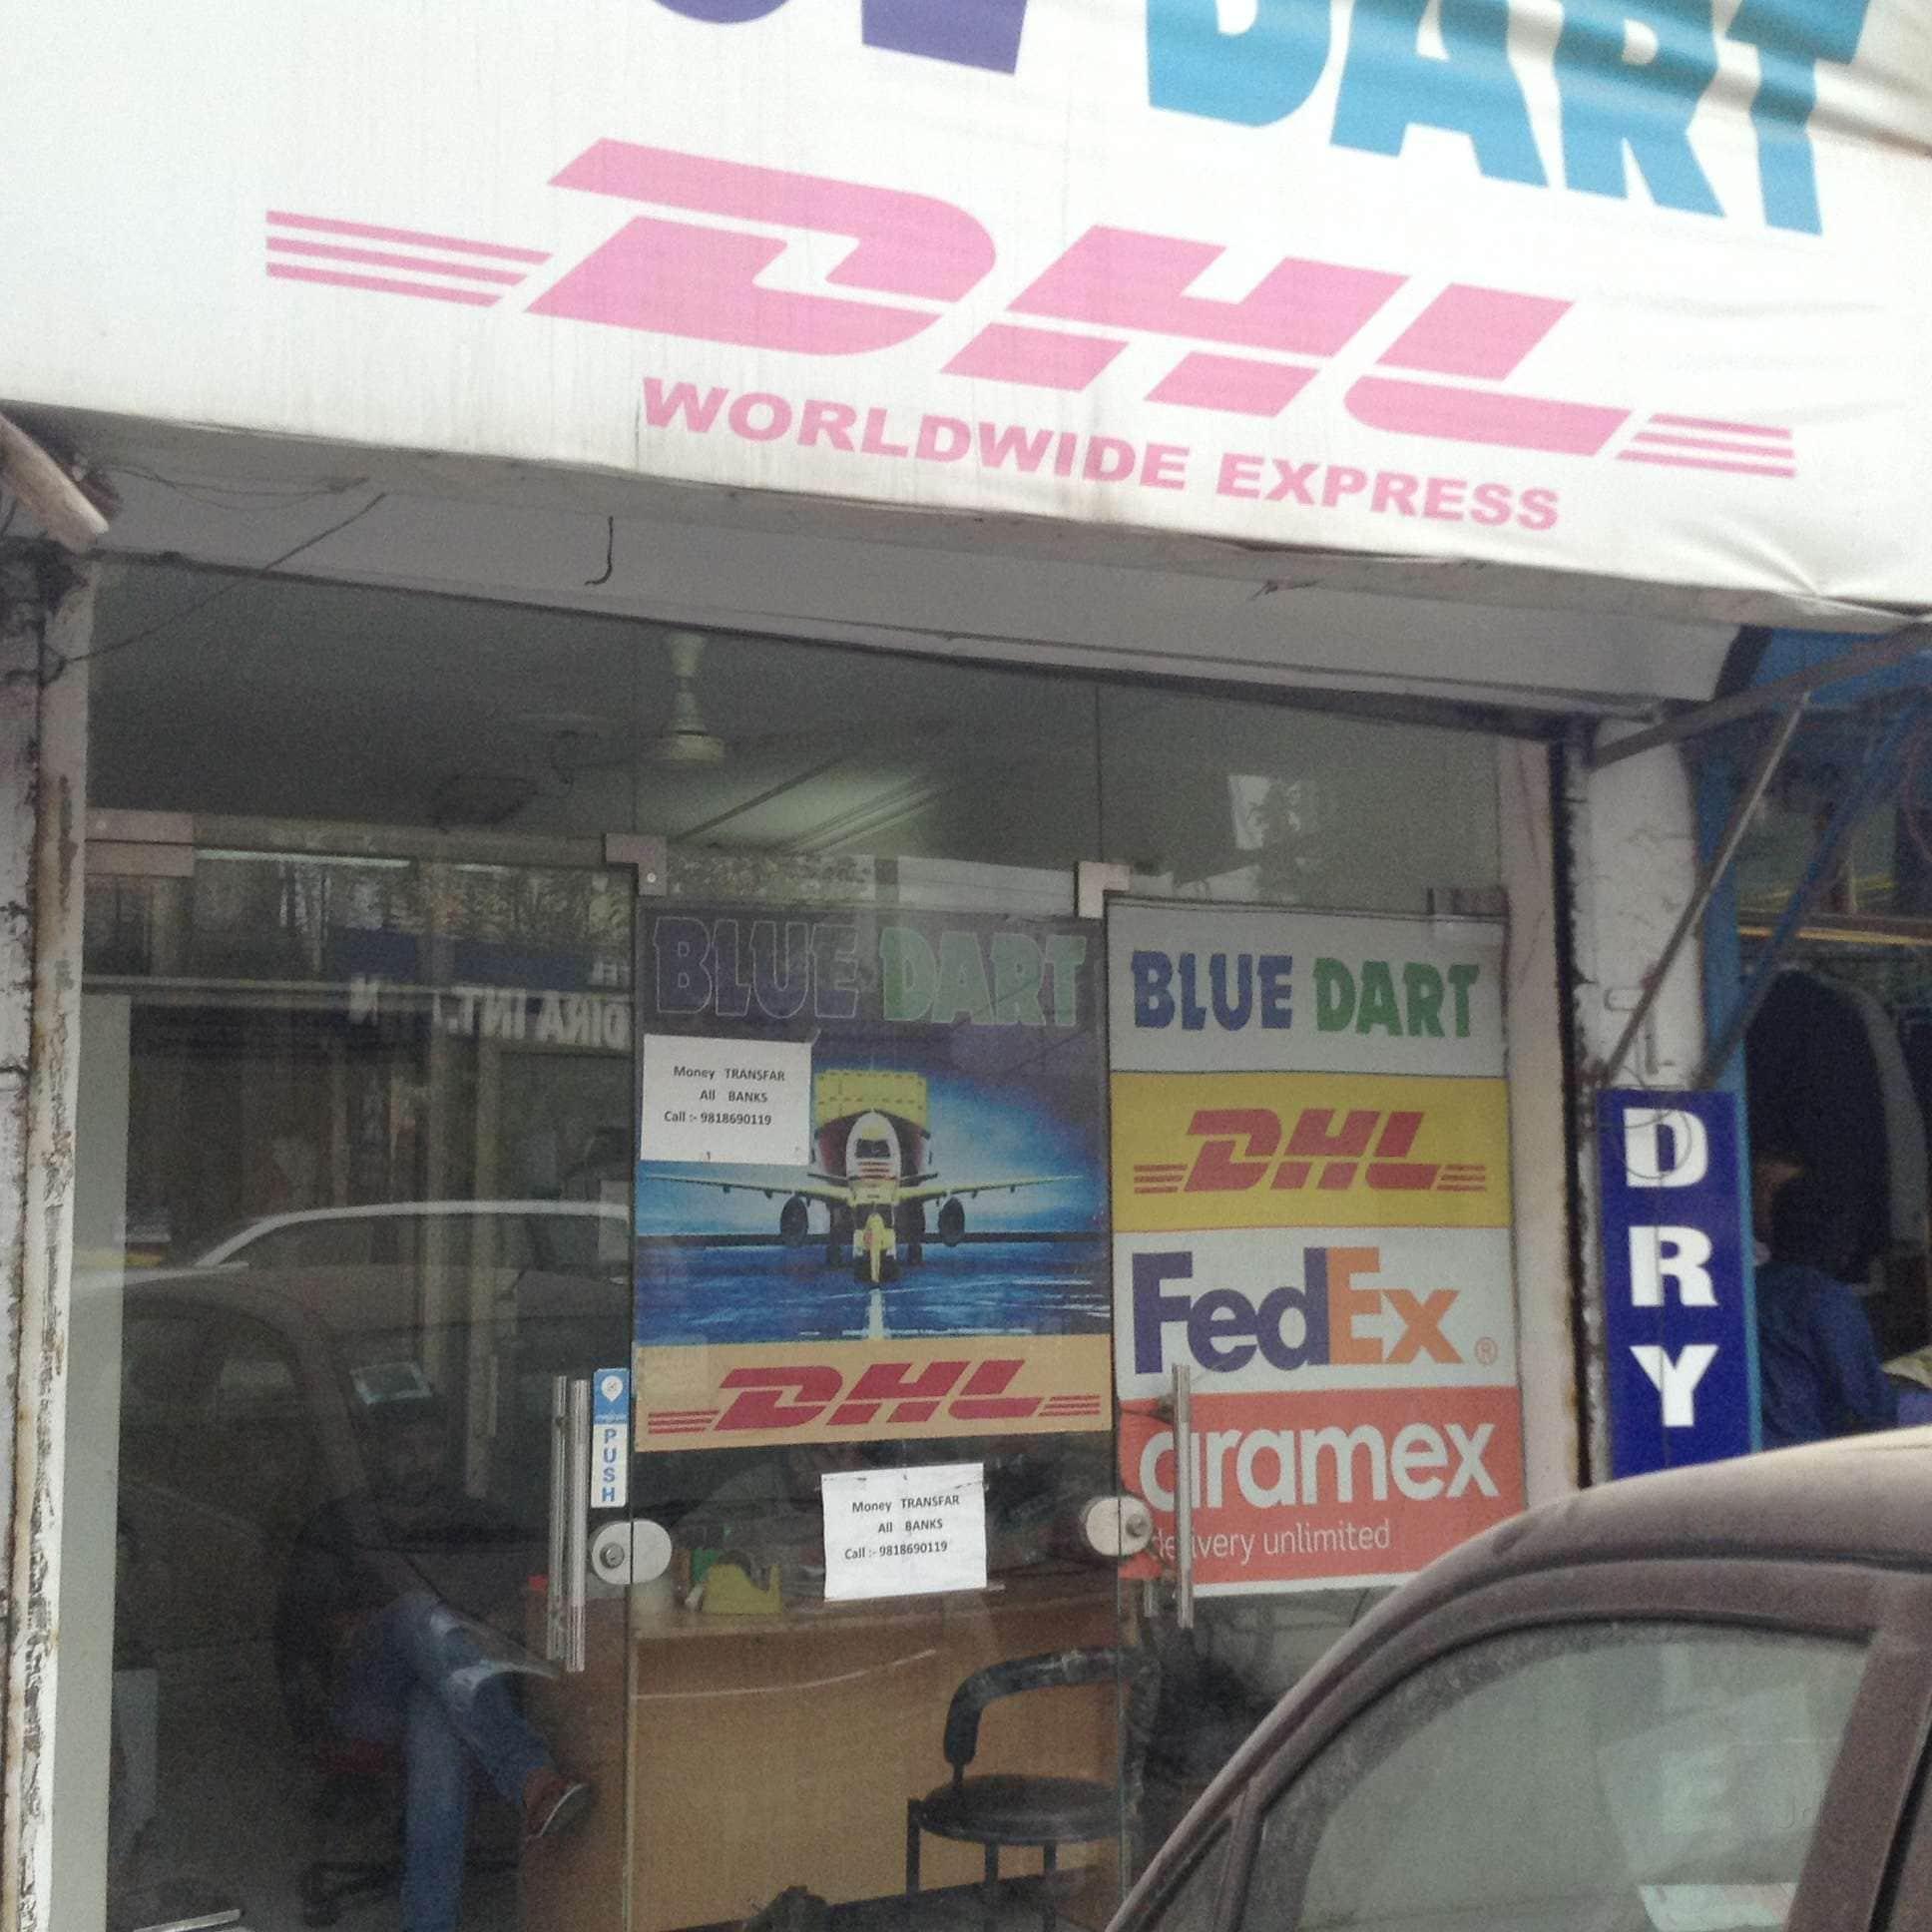 Bestways Courier Cargo Vasant Kunj Courier Services In Delhi Justdial